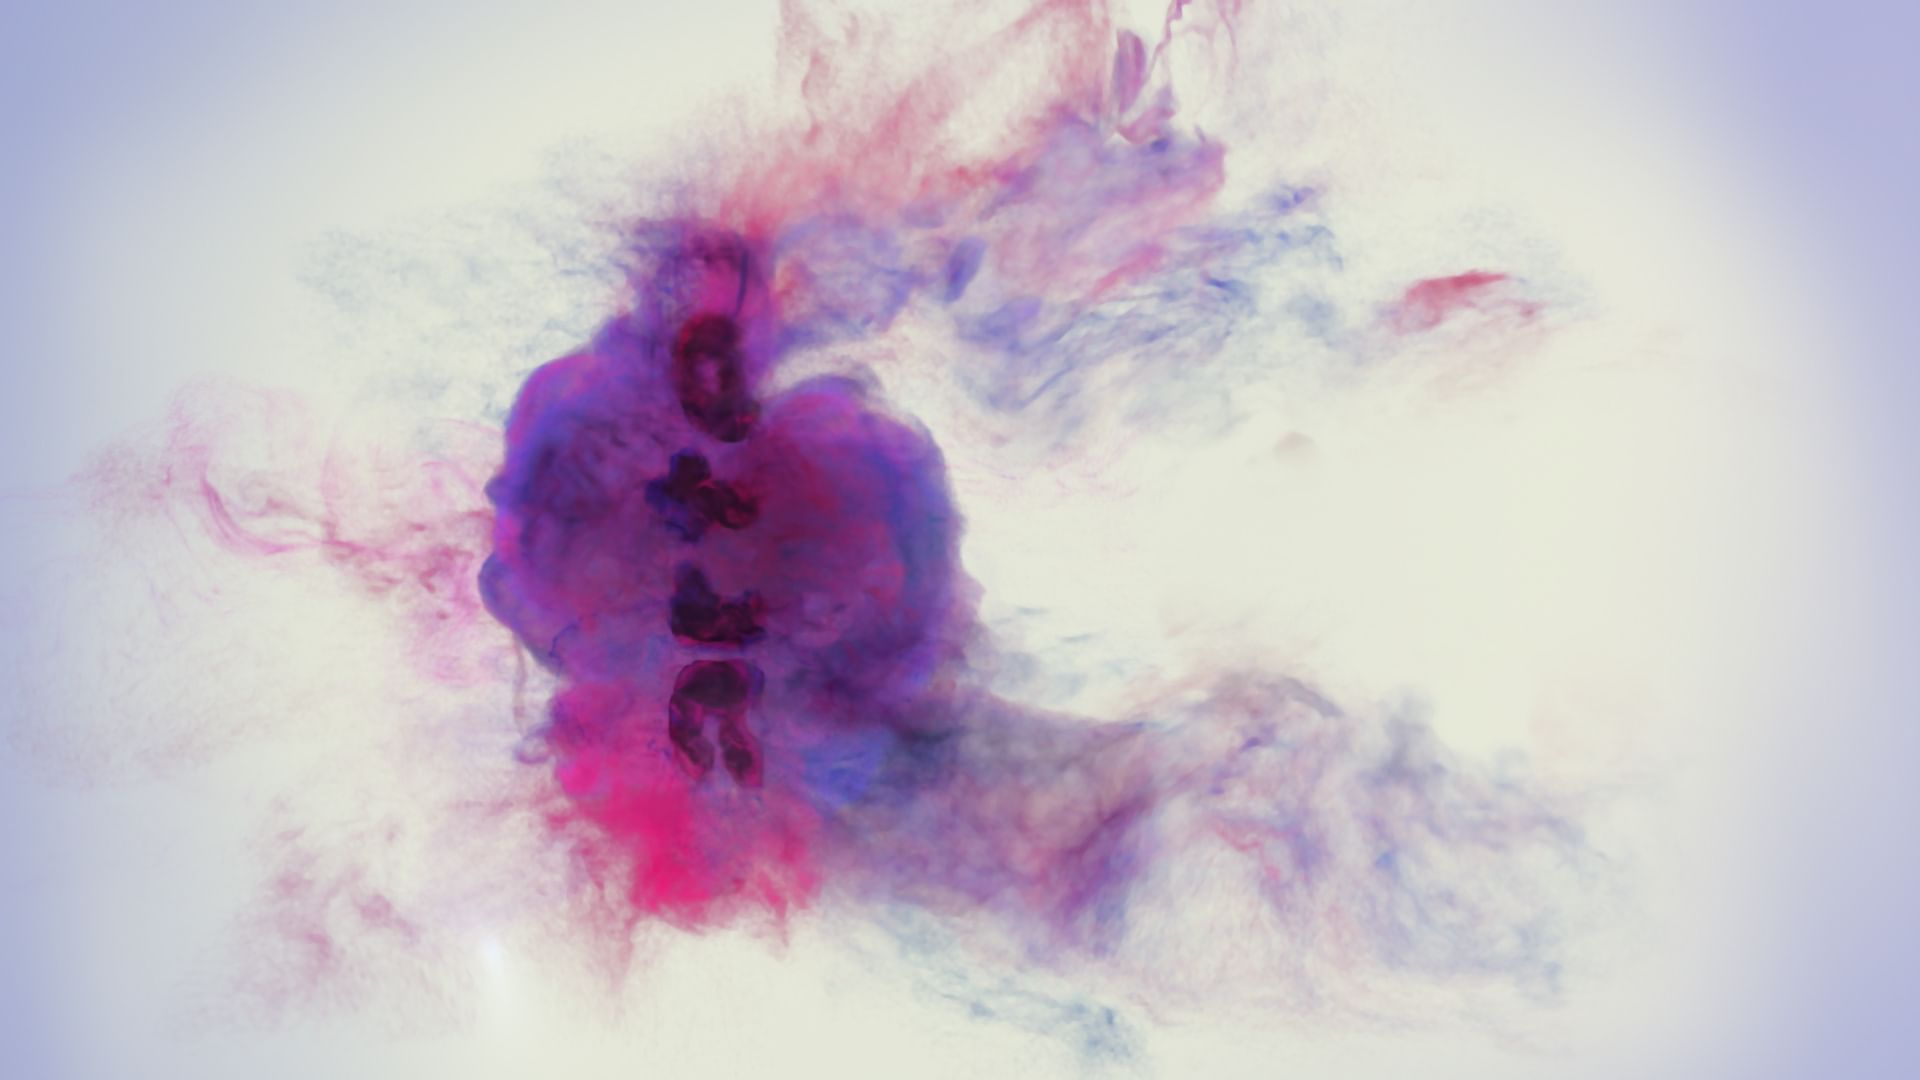 Chromosome 3 (1979)et surtoutScanners(1981) marquent l'aboutissement de la première période de la carrière de David Cronenberg.Cespremiers films proposent déjà une réflexion intellectuelle sur le sexe, la violence et la répression, très influencée par Reich et Bataille.